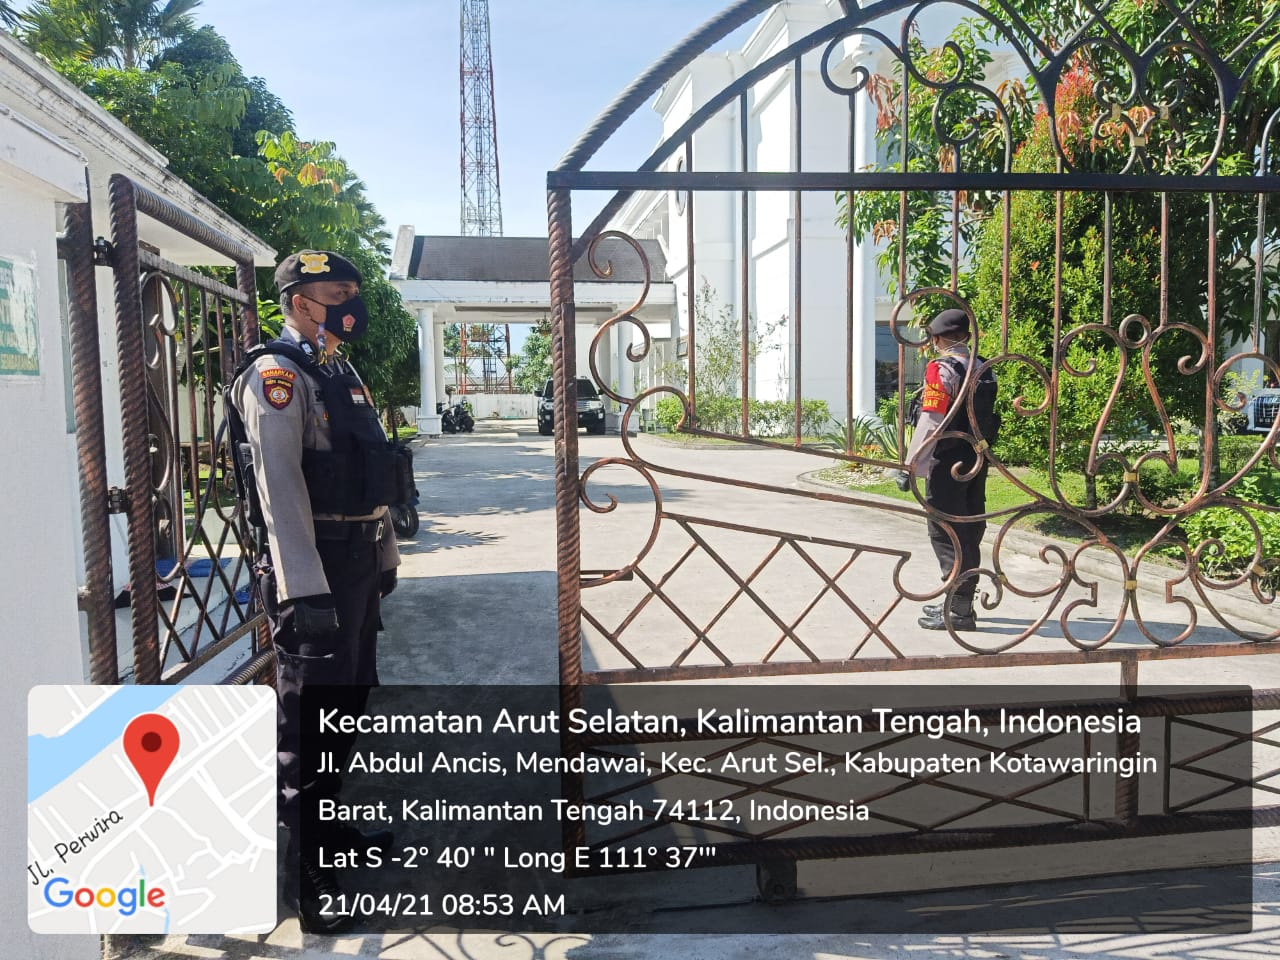 Rumah Cagub Kalteng didatangi Polisi Kobar